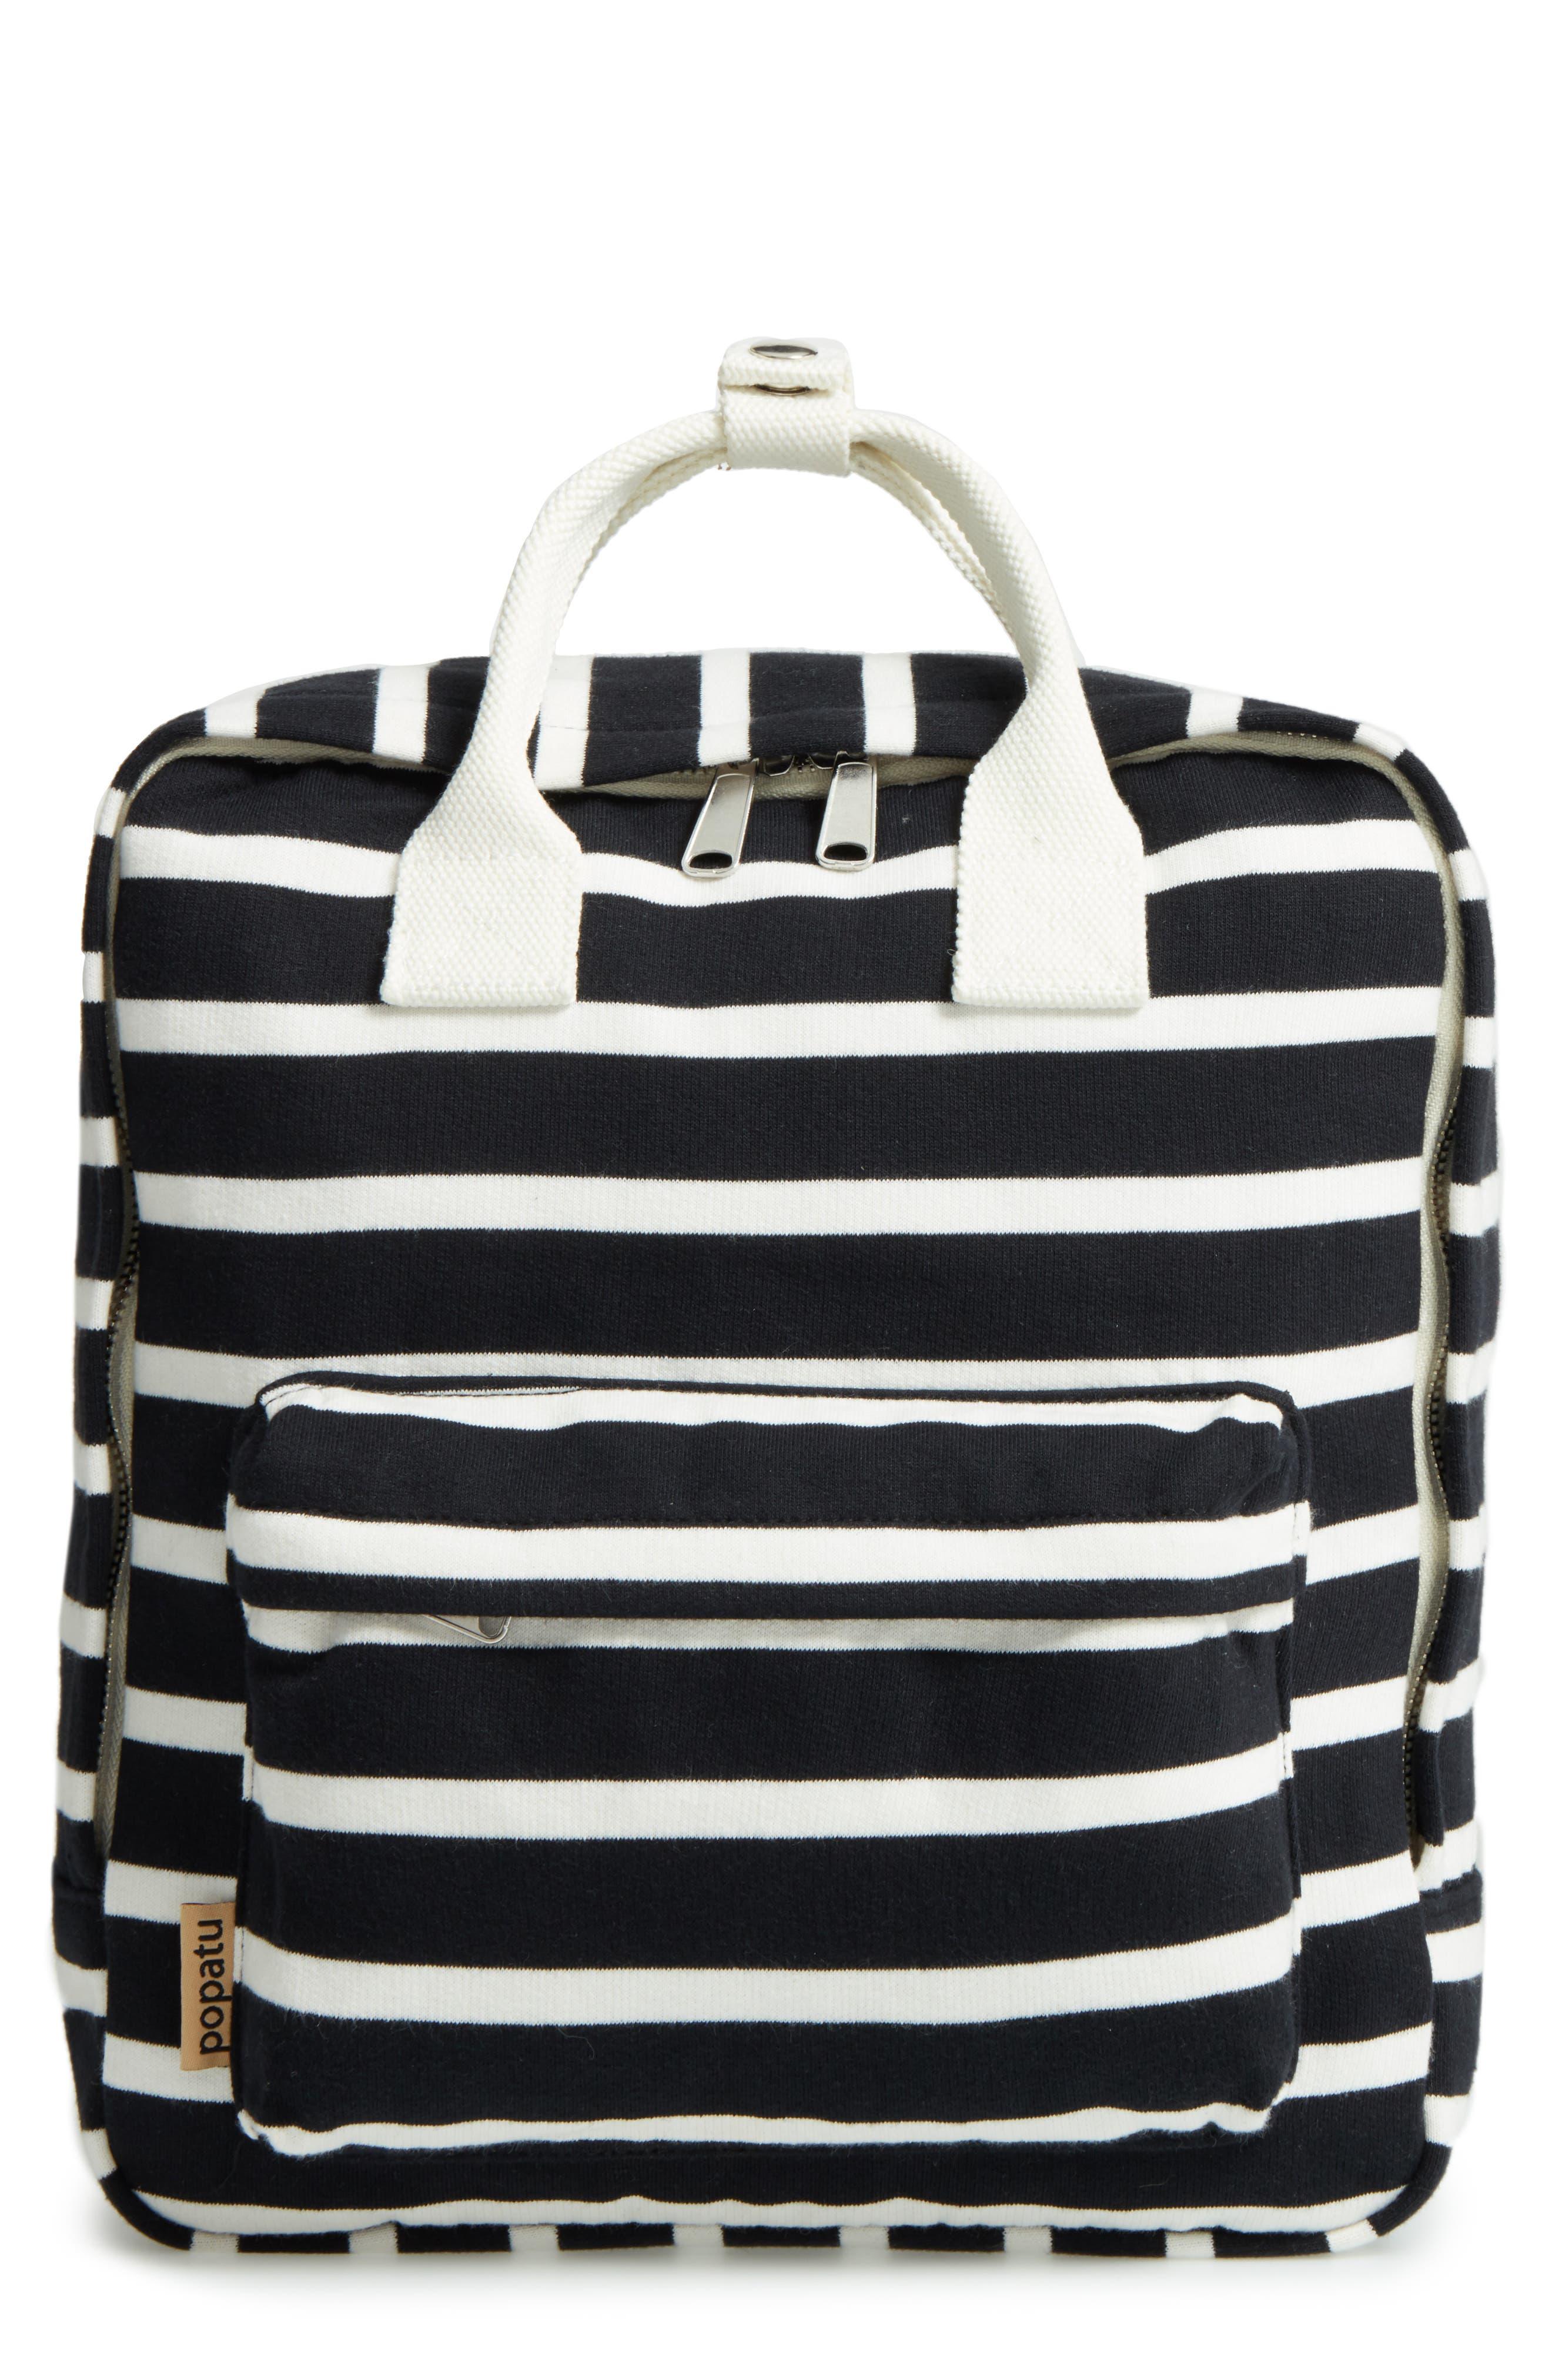 Popatu Stripe Jersey Knit Backpack (Kids)